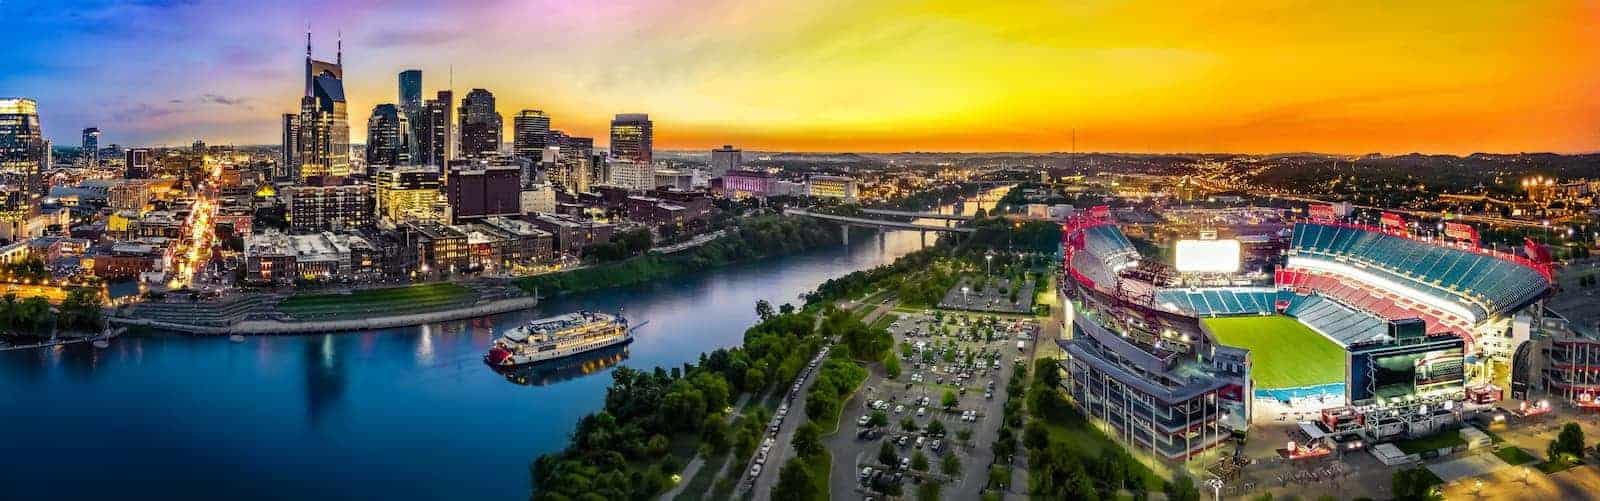 Nashville TN Downtown with Stadium